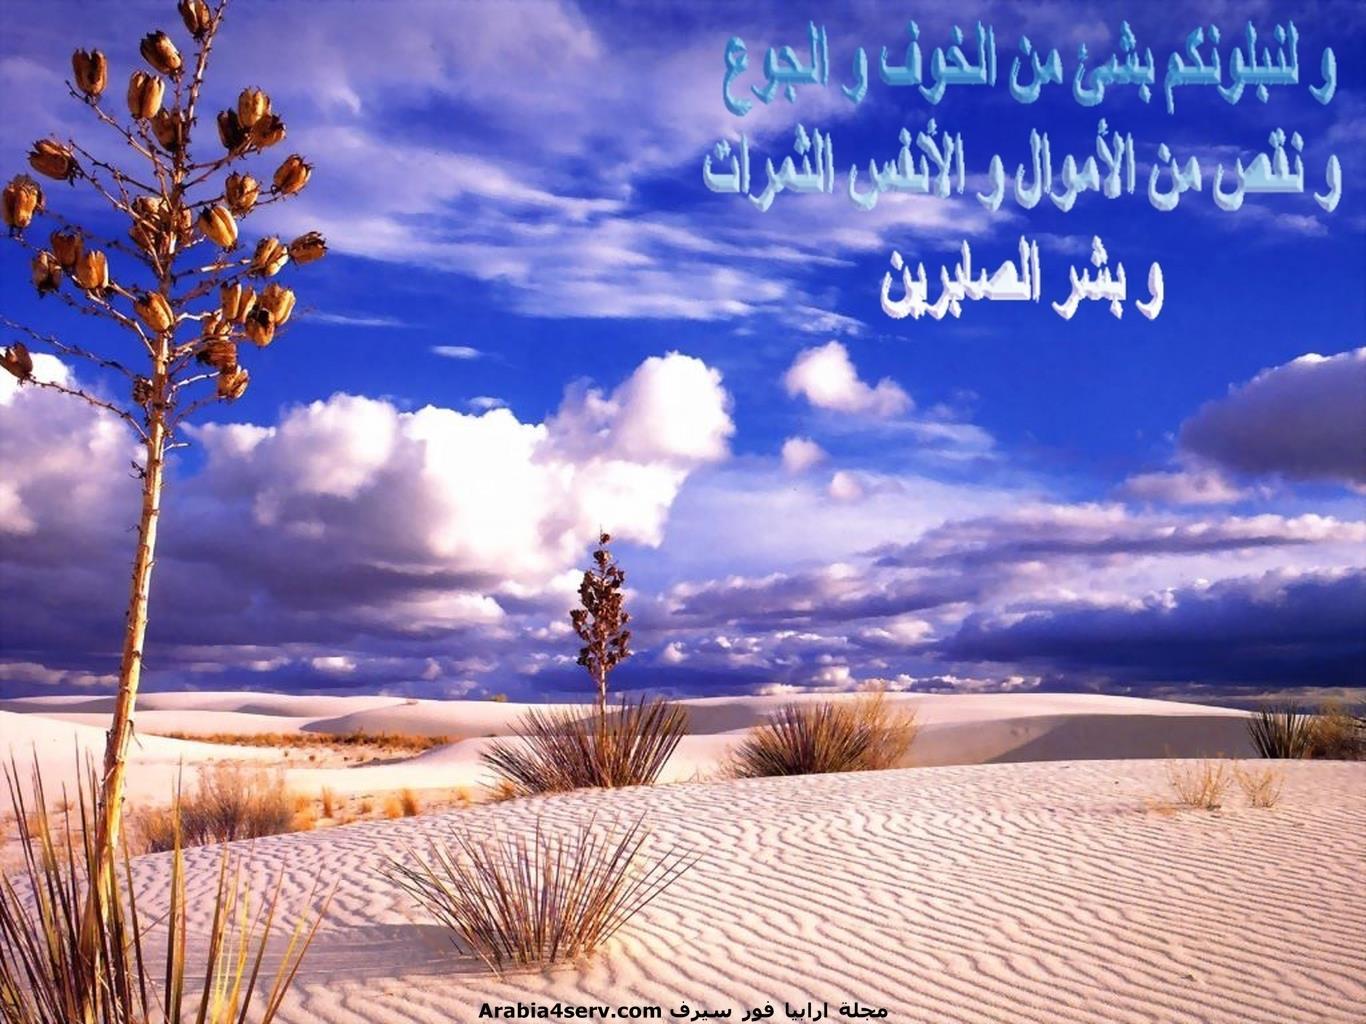 خلفيات-اسلامية-طبيعية-للتحميل-جميلة-جدا-2